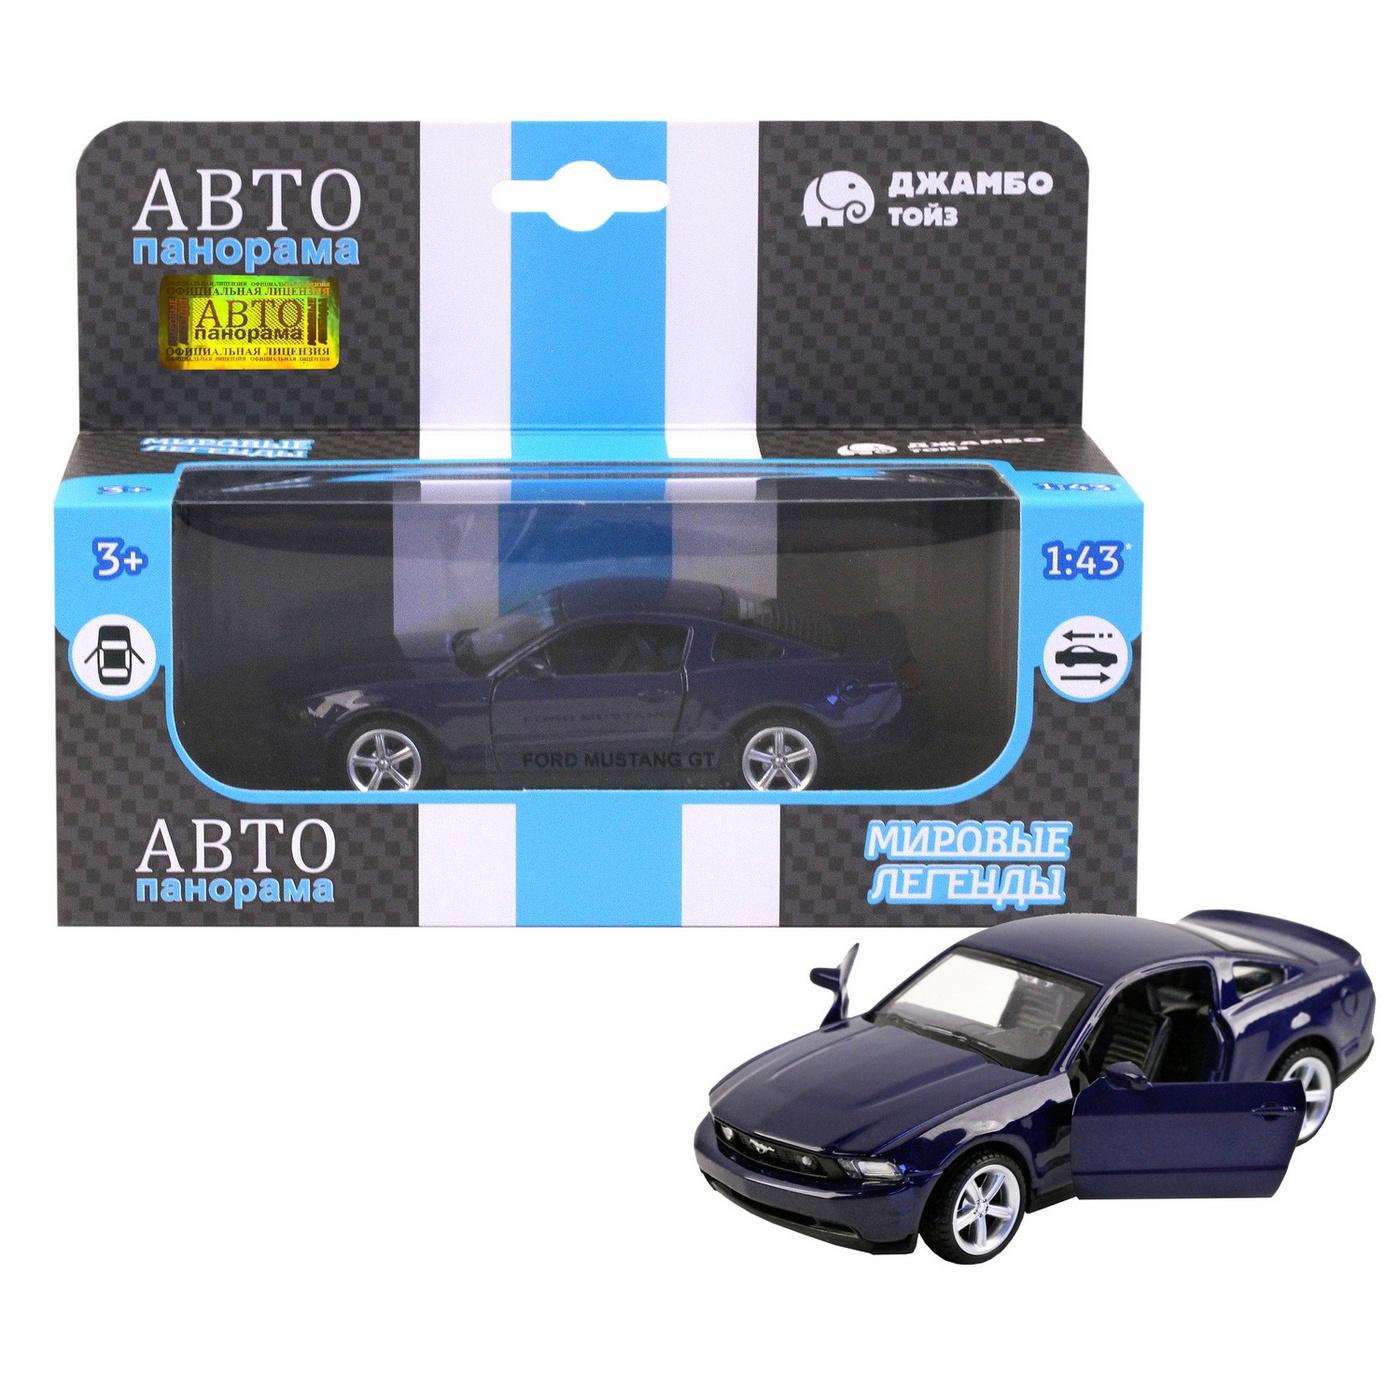 Машинка Автопанорама Ford Mustang GT, JB1200129 синийJB1200129Игрушечная машинка Ford Mustang GT темно-синего цвета выполнена в масштабе 1:43. Это металлическая модель с пластиковыми деталями. У нее открываются двери. Игрушка оснащена инерционным механизмом. Такой автомобиль можно запускать бесконечно, ведь ему не нужны батарейки. Ребенок может играть с друзьями в гонки хоть каждый день, развивая воображение и ловкость. Игрушка компактная, что позволяет брать ее с собой в поездку. Подходит для детей от трех лет, станет достойным пополнением вашей коллекции. Размер машинки 11,5*4,5*3 см Размер упаковки 17,5*12,5*6,5 см.